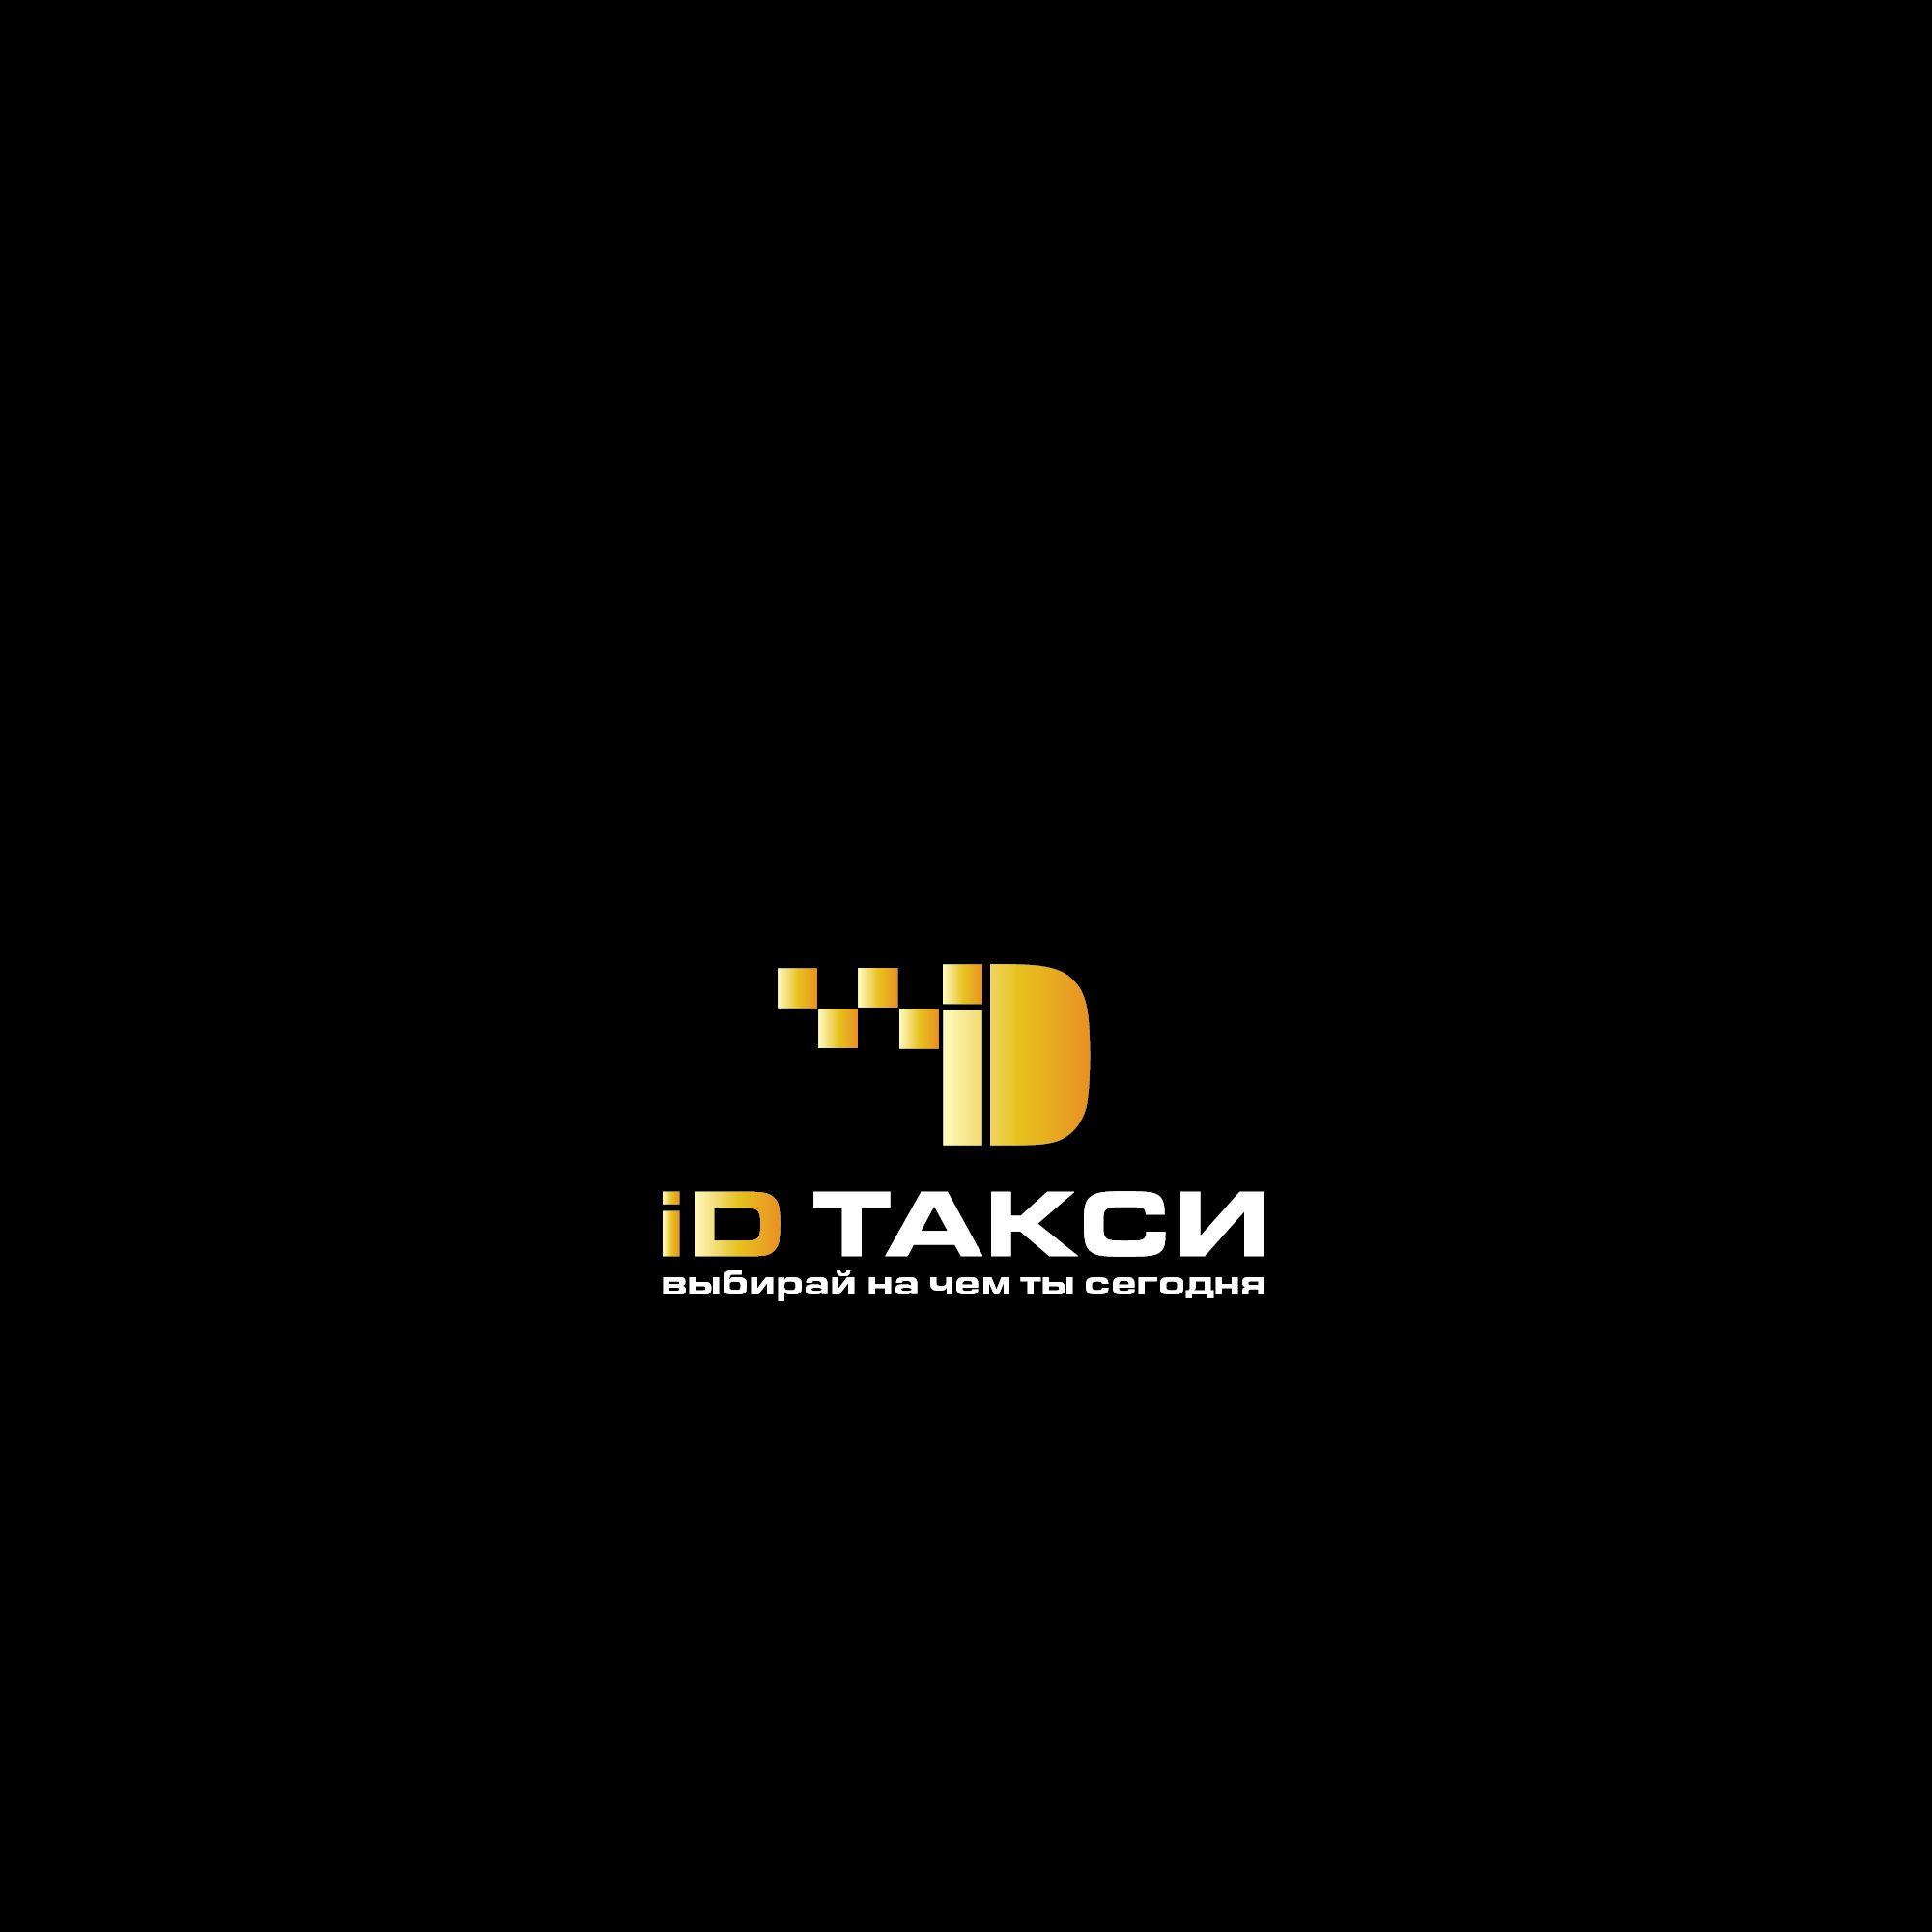 Лого и фирменный стиль для iD Такси - дизайнер SmolinDenis